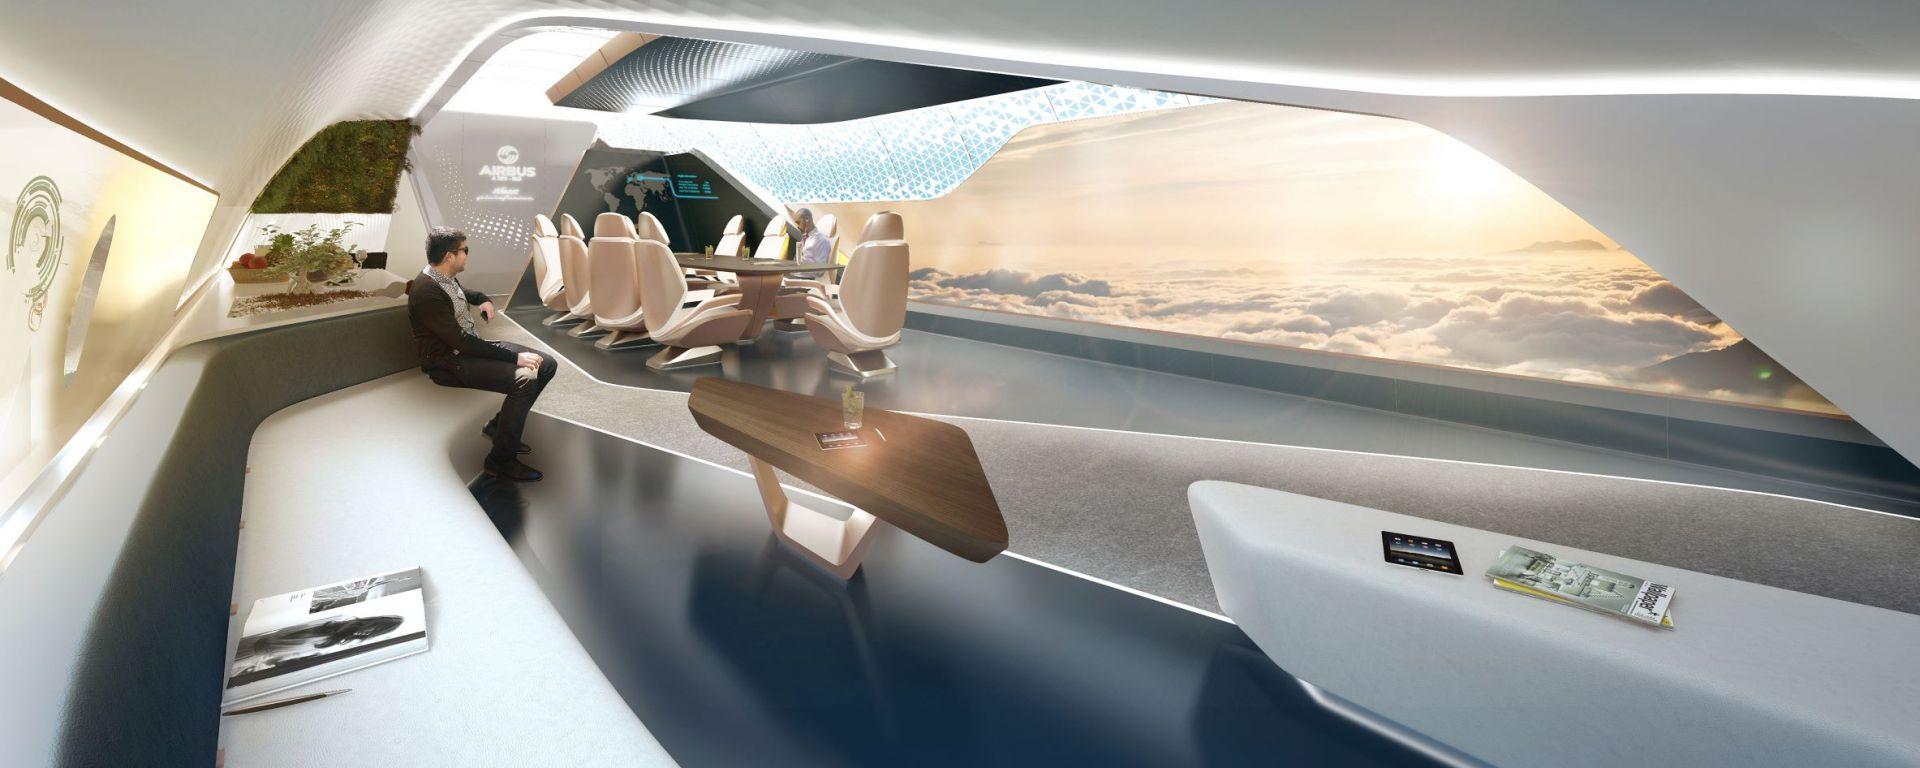 Aviazione vip: collaborazione Pininfarina e AMAC Aerospace